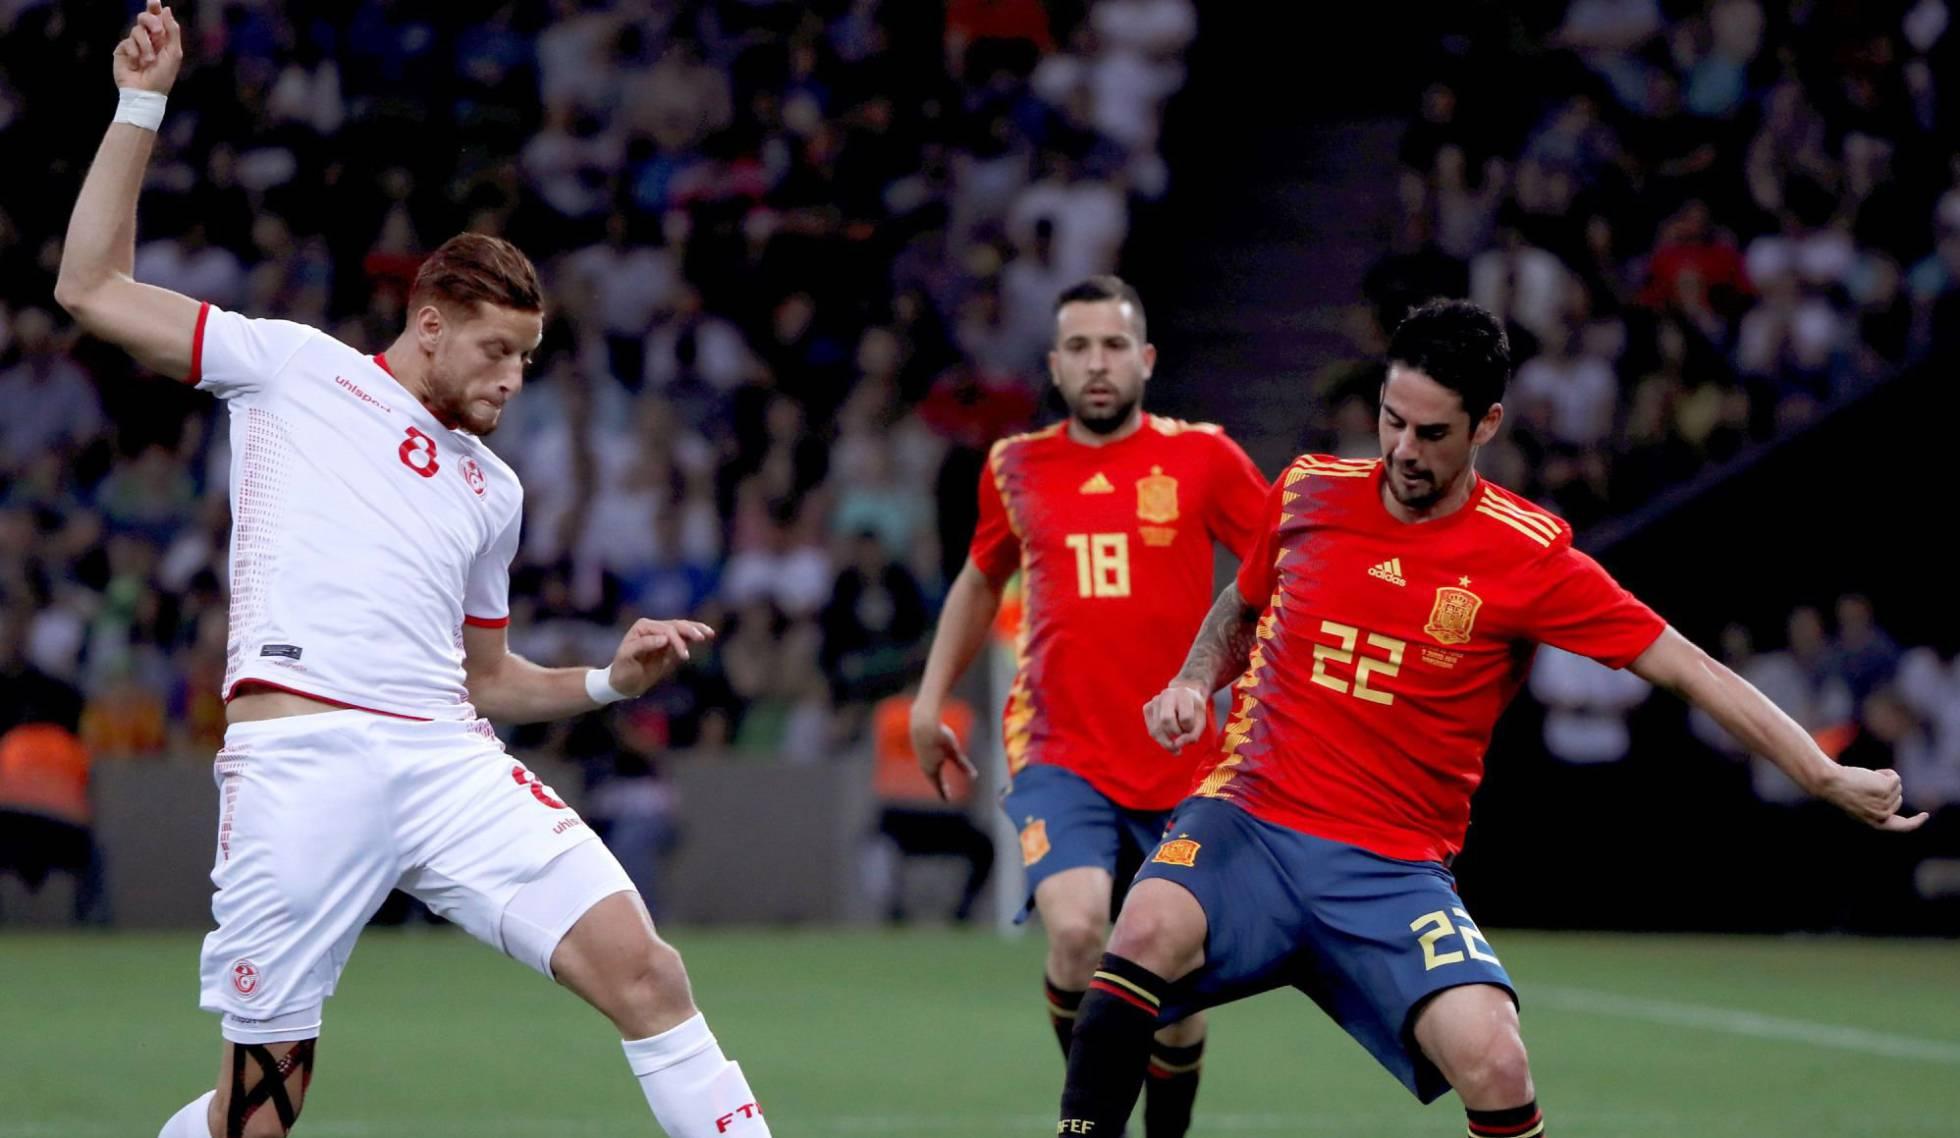 في الدقائق الأخيرة: تونس تنهزم أمام اسبانيا.. وتفاءل بأداء المنتخب قبل انطلاق كأس العالم